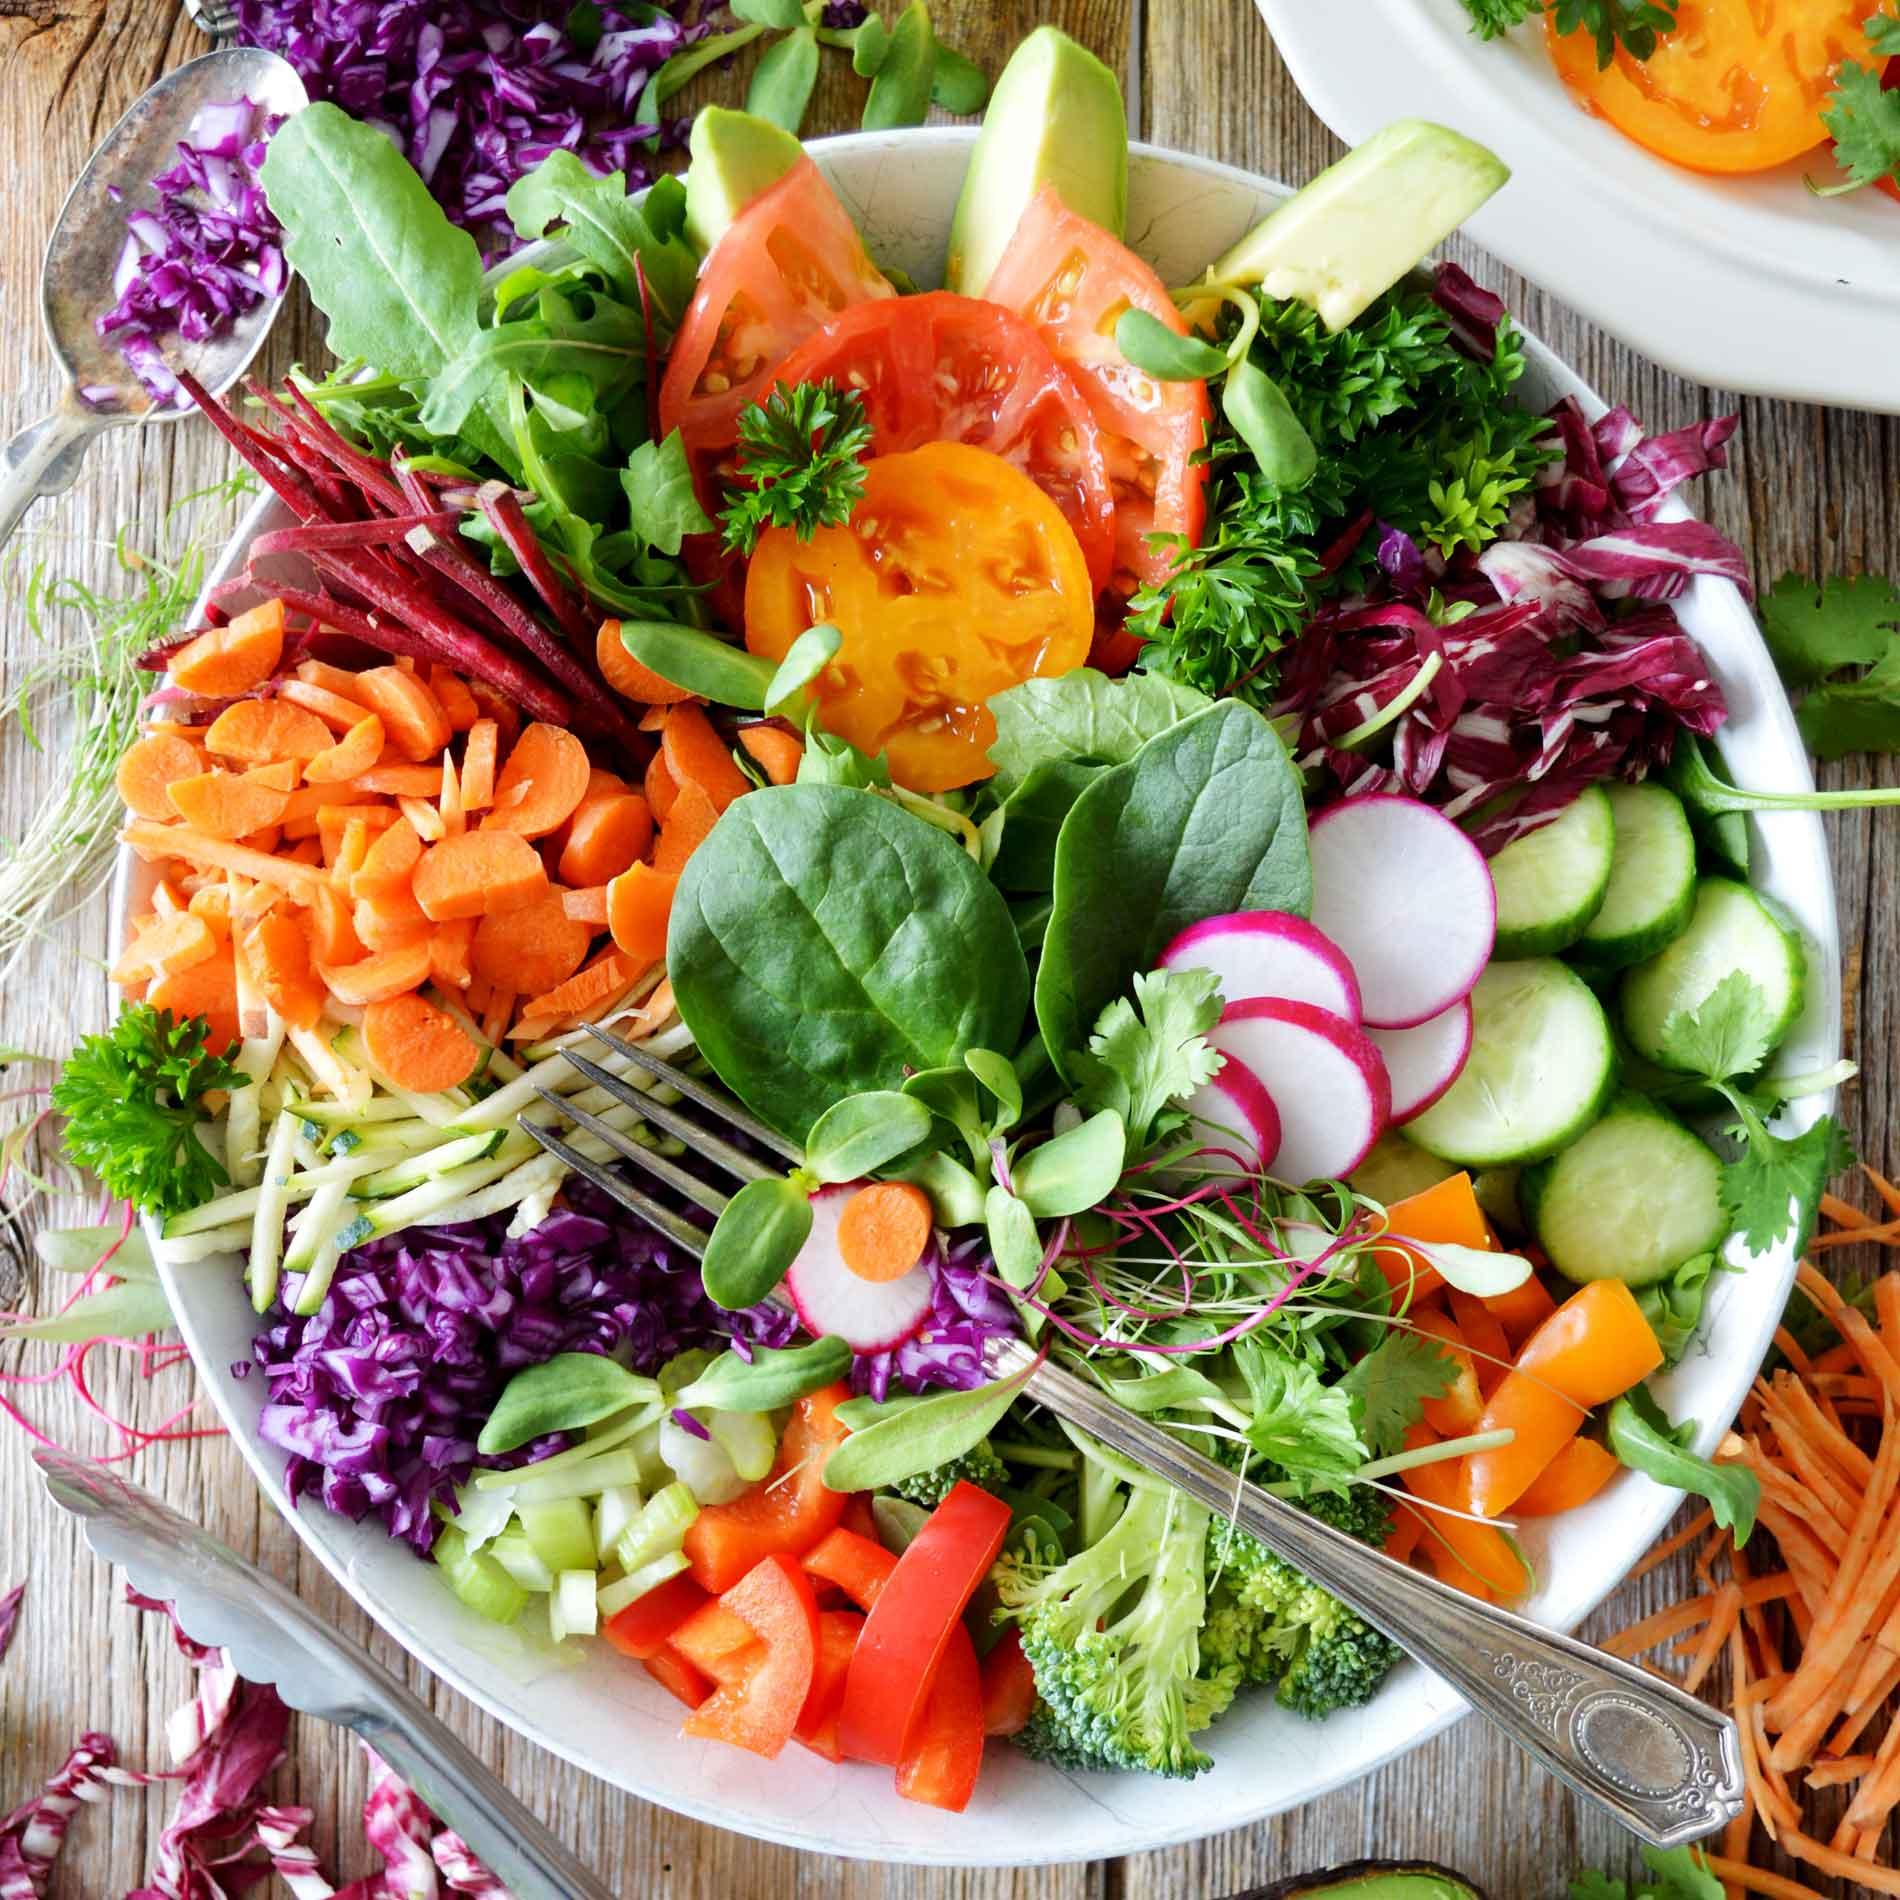 gesunde Ernährung, gesund leben, Ernährung, Ran an das Fett. Heilen mit dem Gesundmacher Fett, Gesundheit, Endlich fit und gesund, gesund essen,